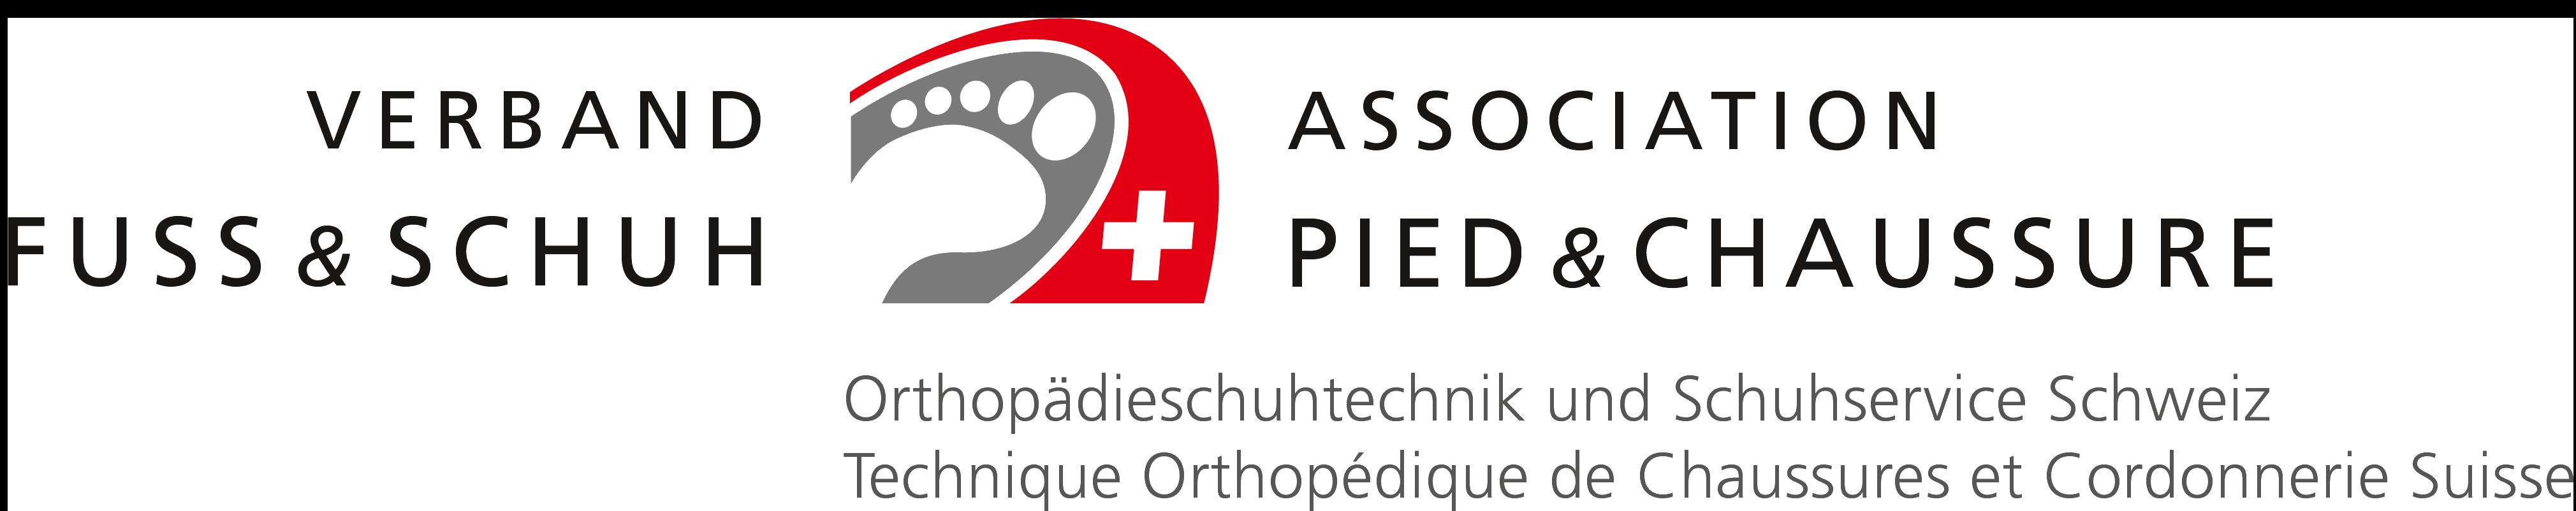 ABO HIN OSM: Logo Verband Fuss & Schuh